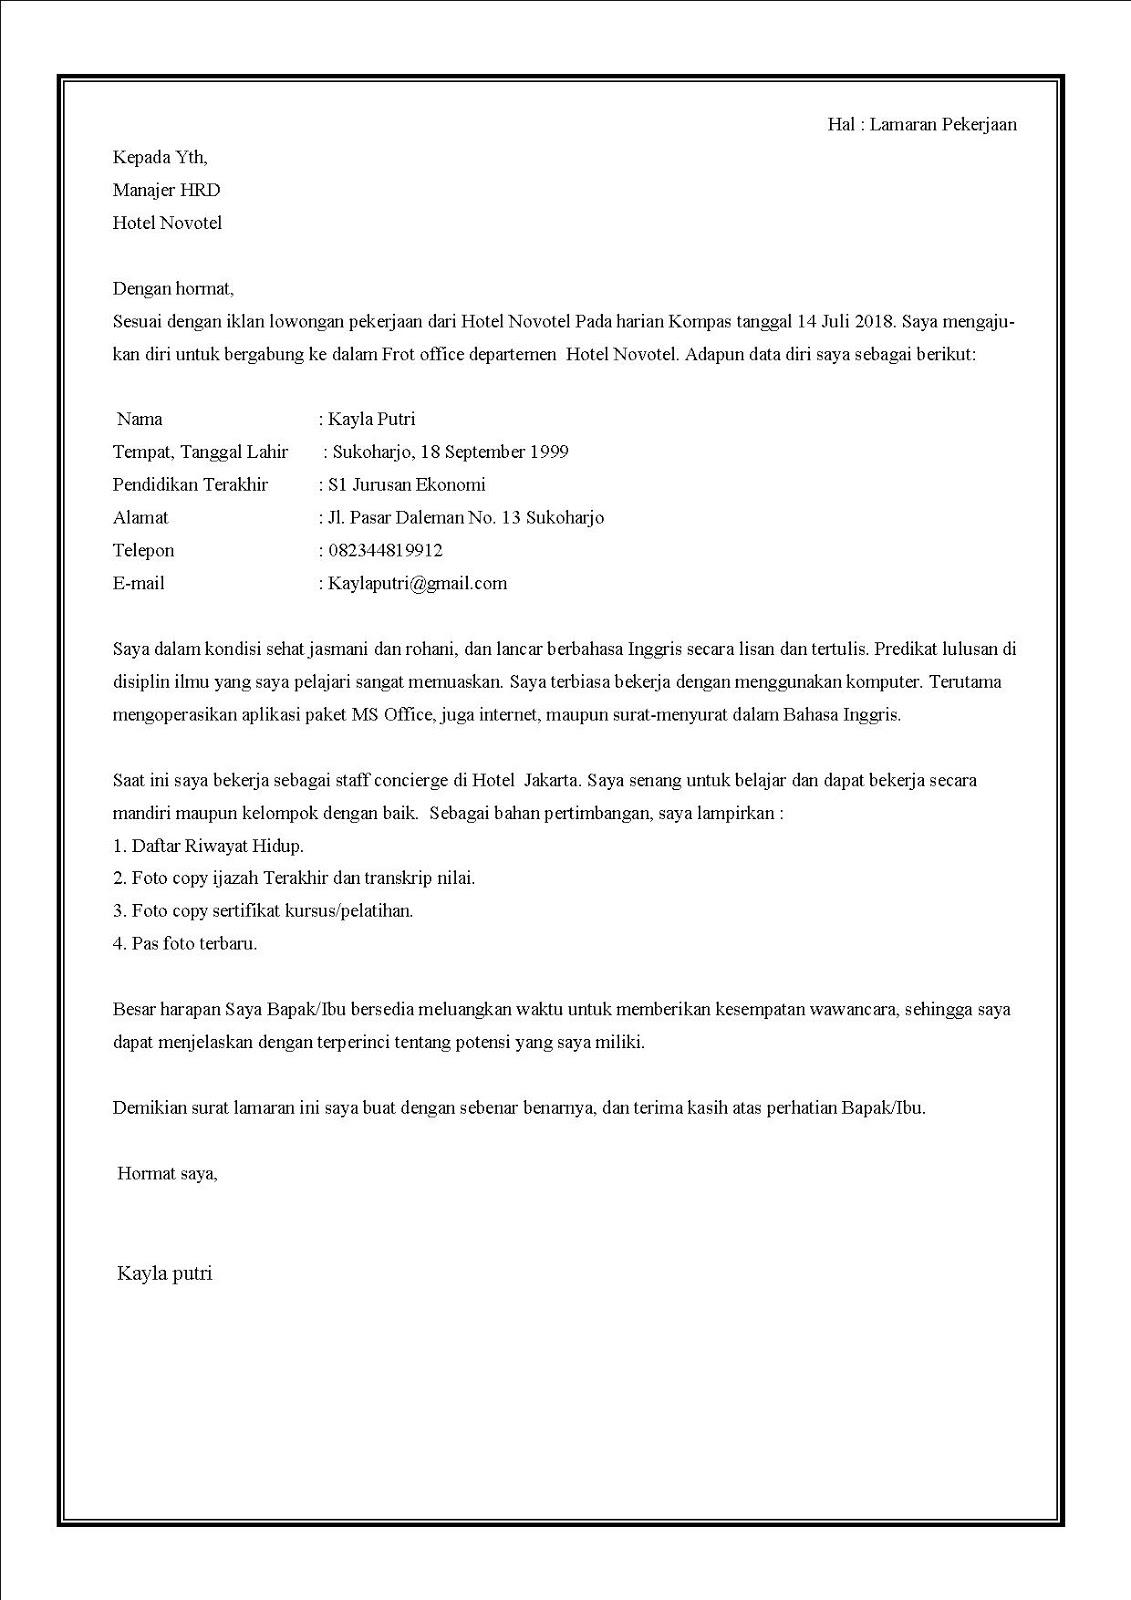 Contoh surat lamaran kerja di hotel untuk bagian concierge dalam bahasa indonesia